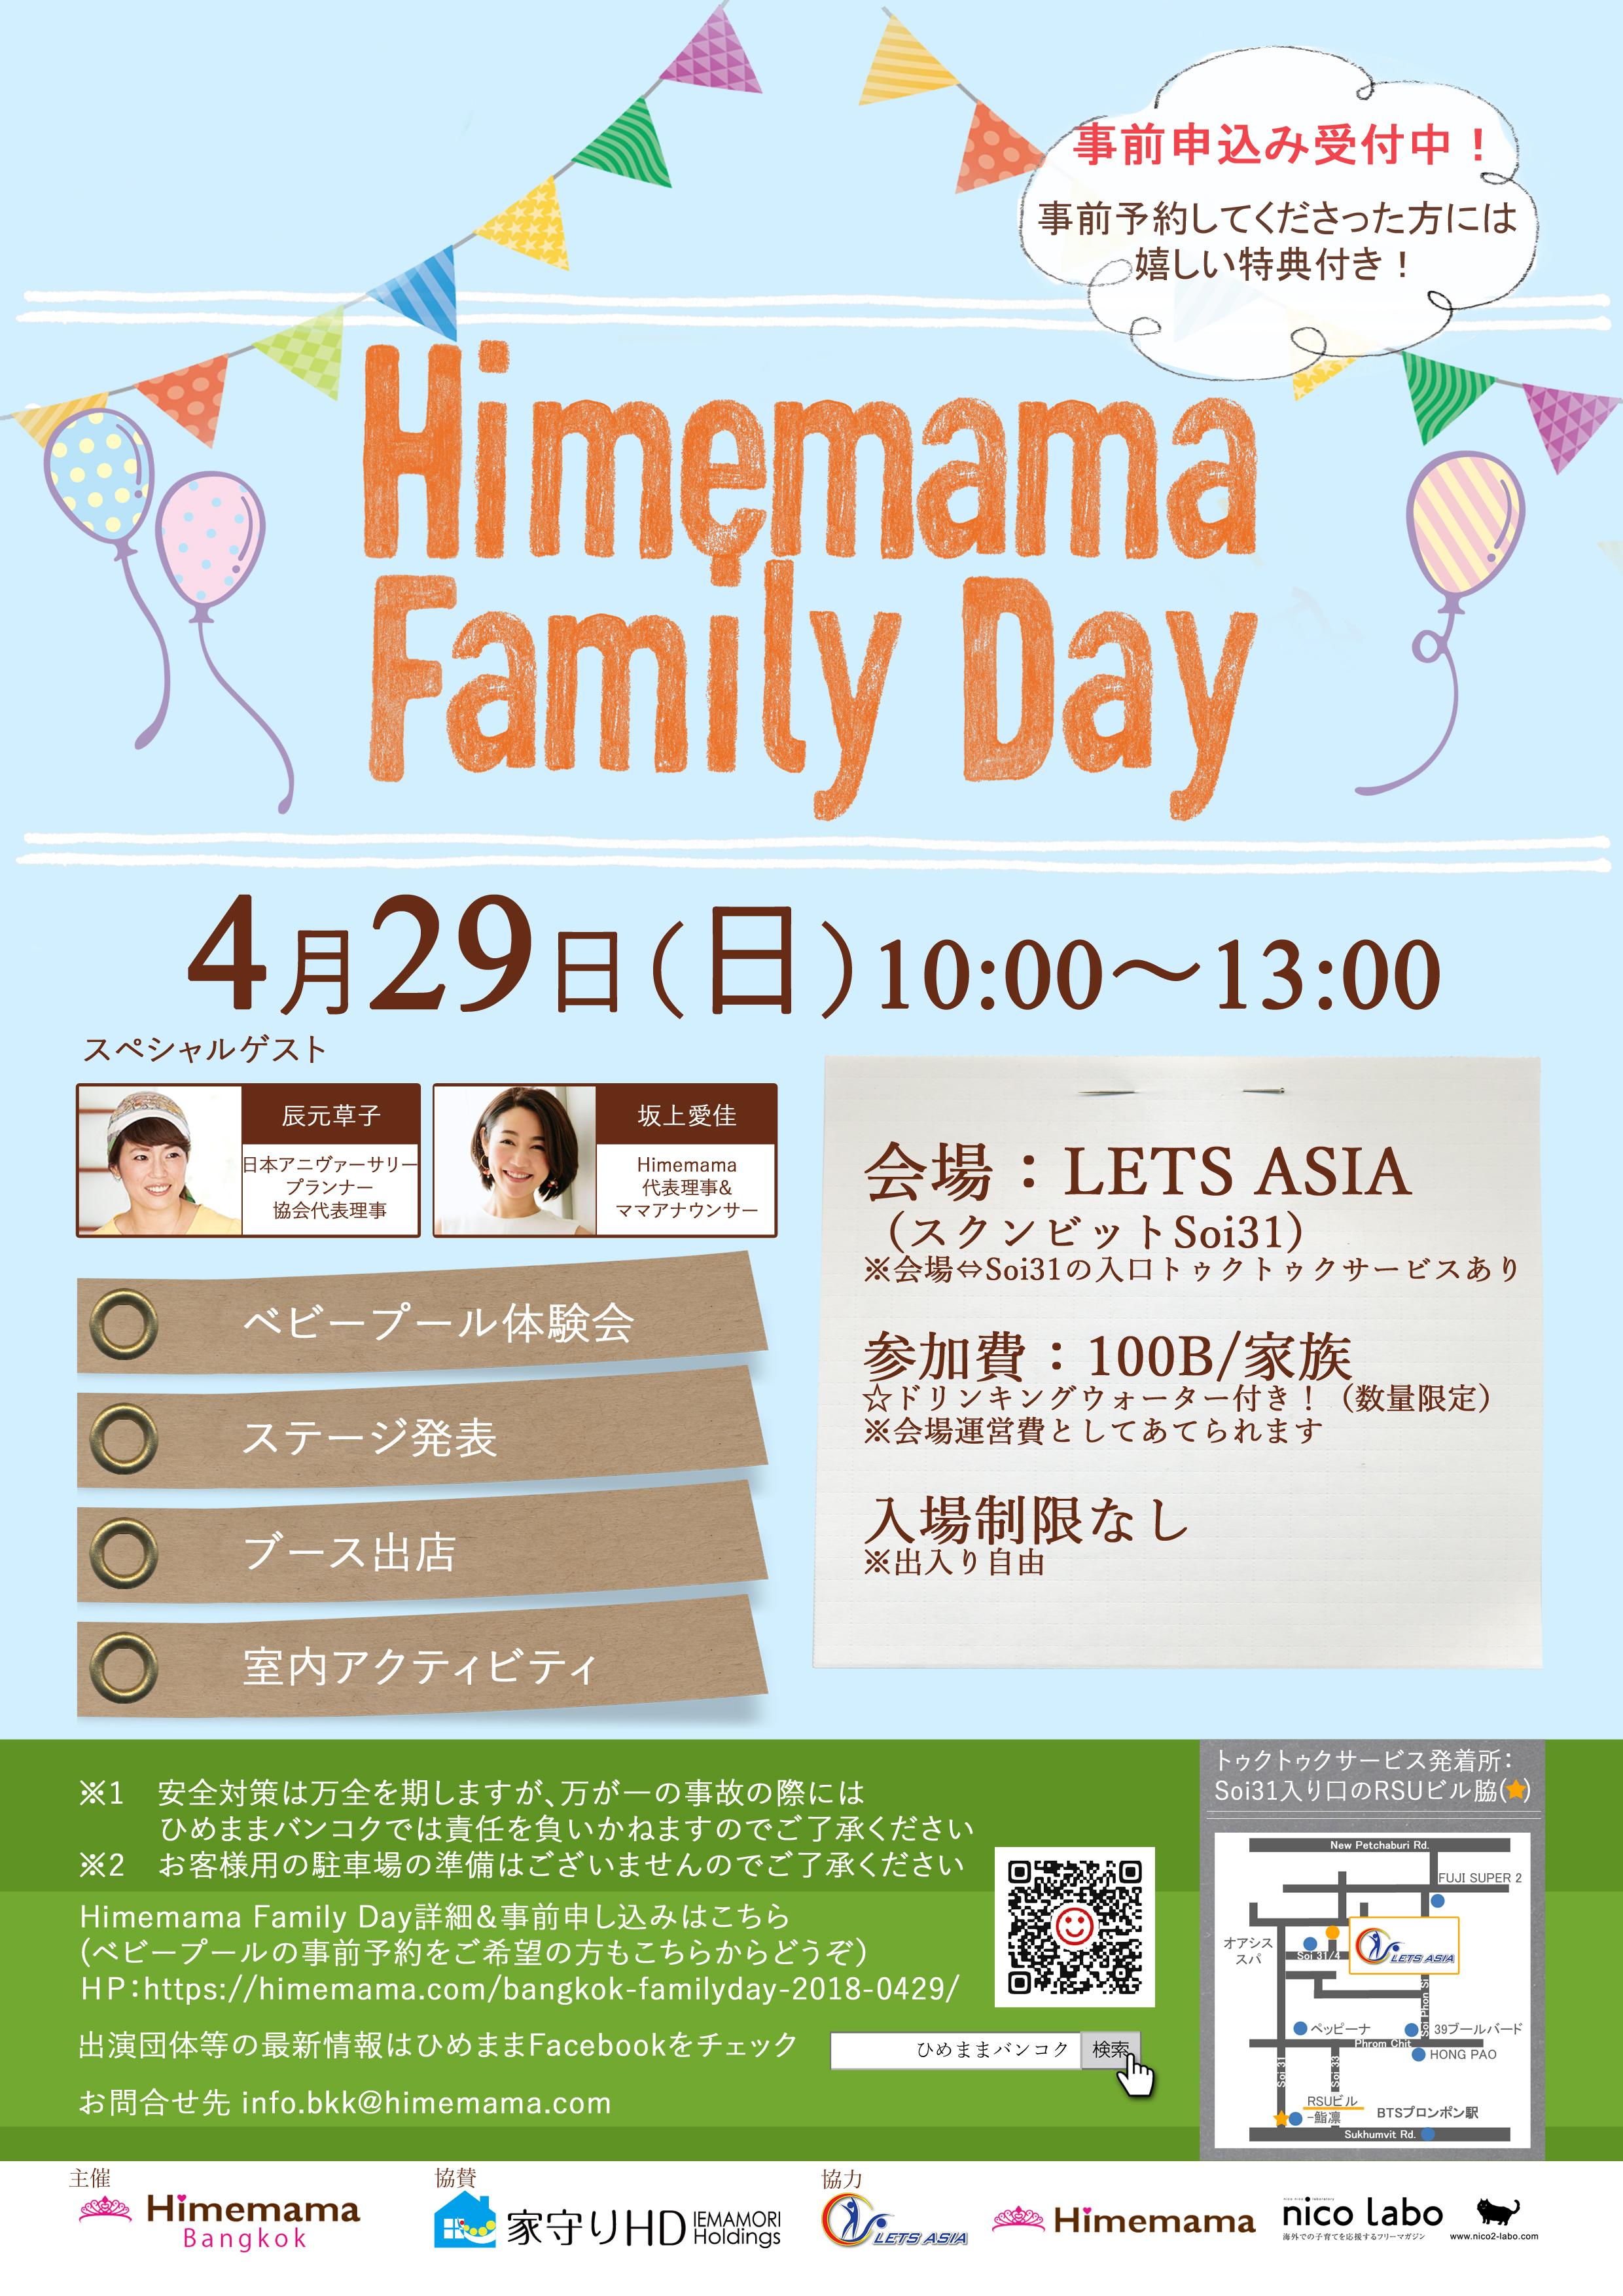 ☆Himemama Family Day☆